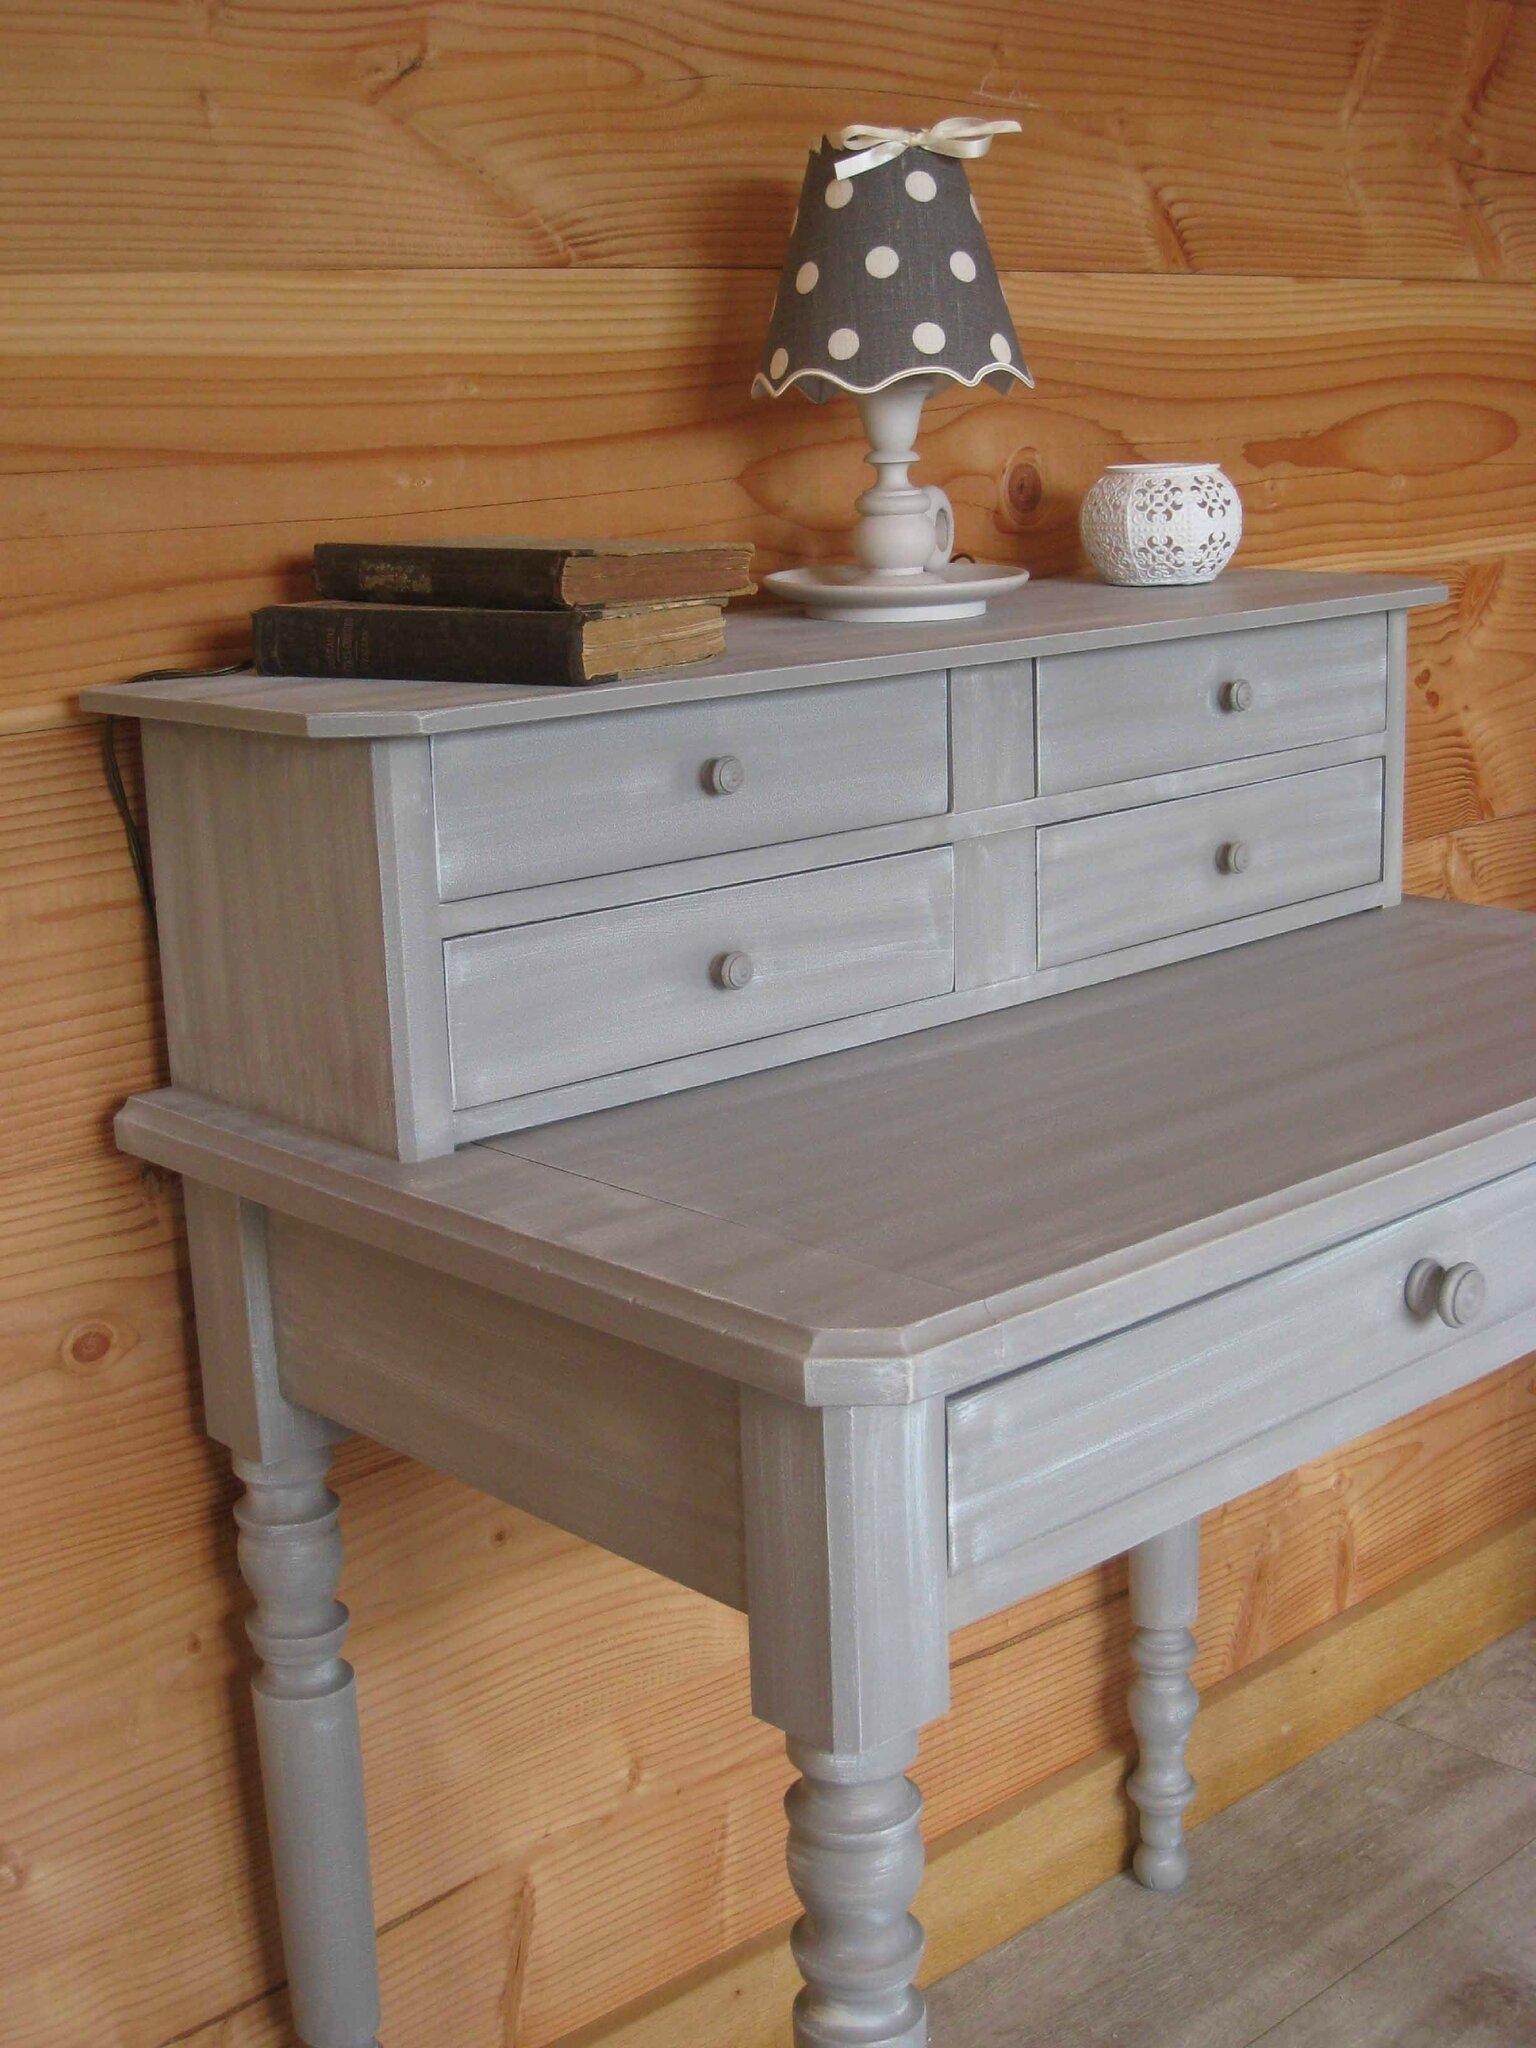 Un secr taire relook patines couleurs for Relooker un meuble bureau